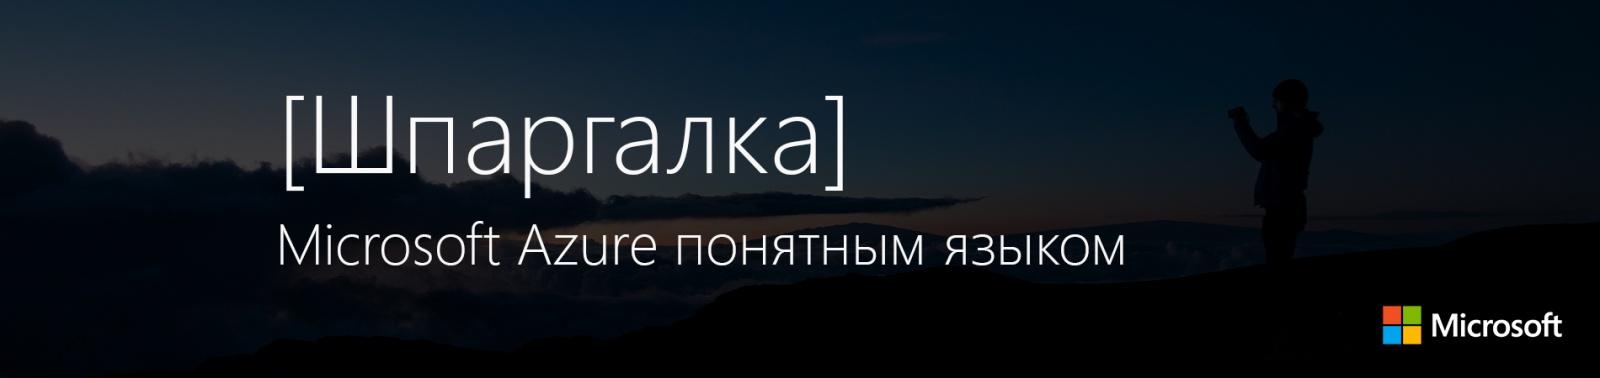 Azure понятным языком [Шпаргалка] - 1